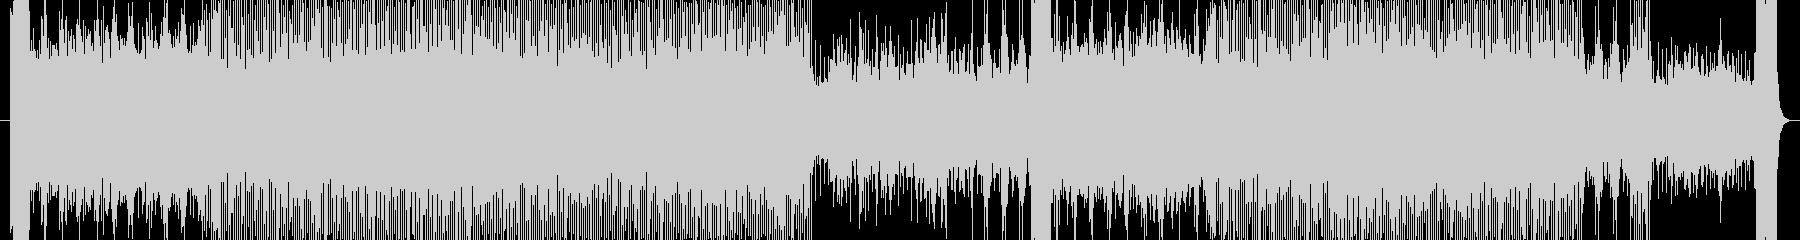 2007年作オリジナル曲ヤマハエレクト…の未再生の波形